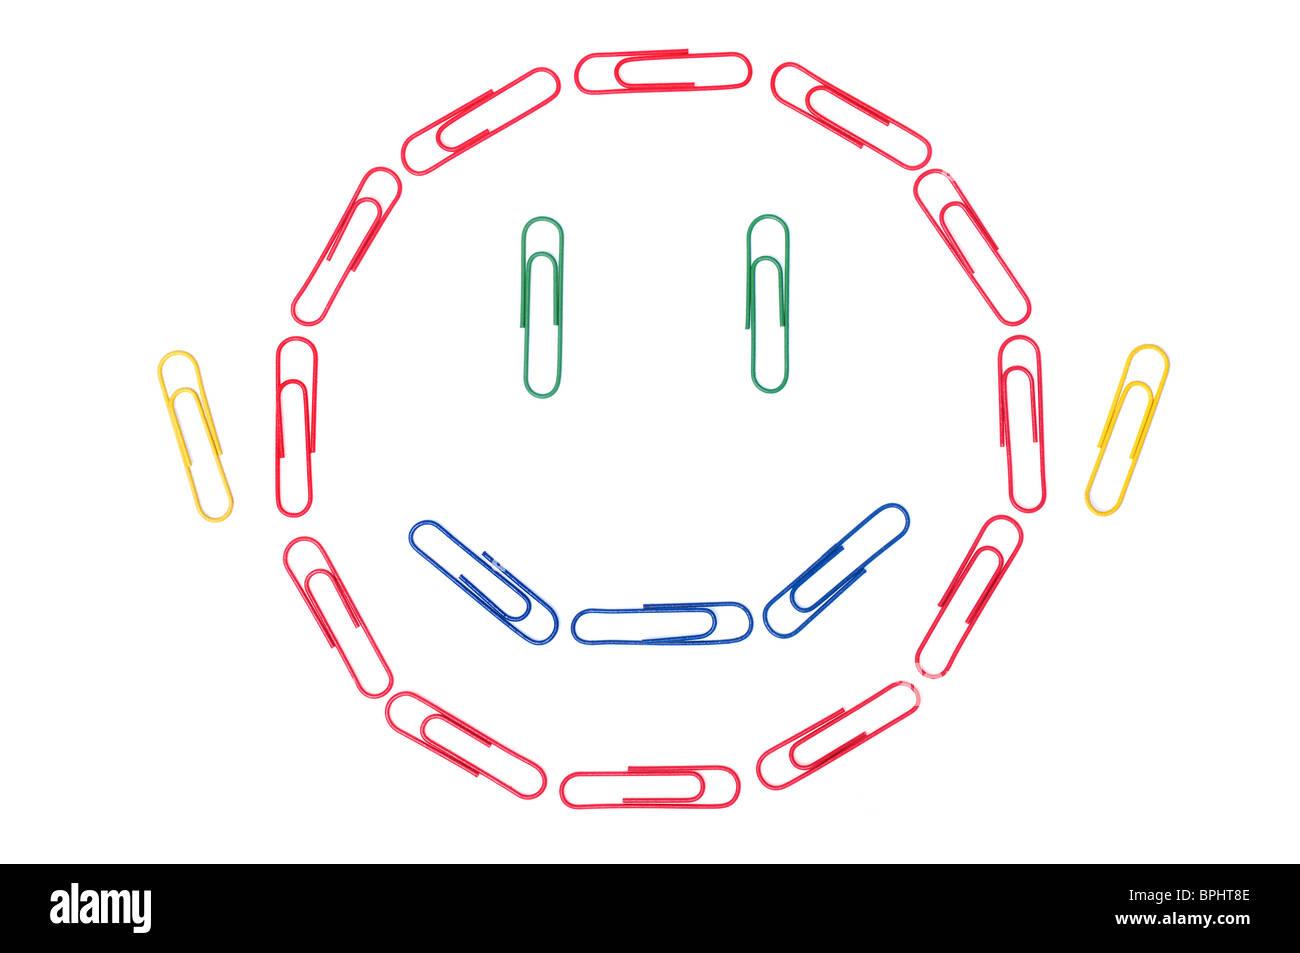 Büro-Smiley - lächelndes Gesicht bestehend aus Büroklammern. Stockfoto